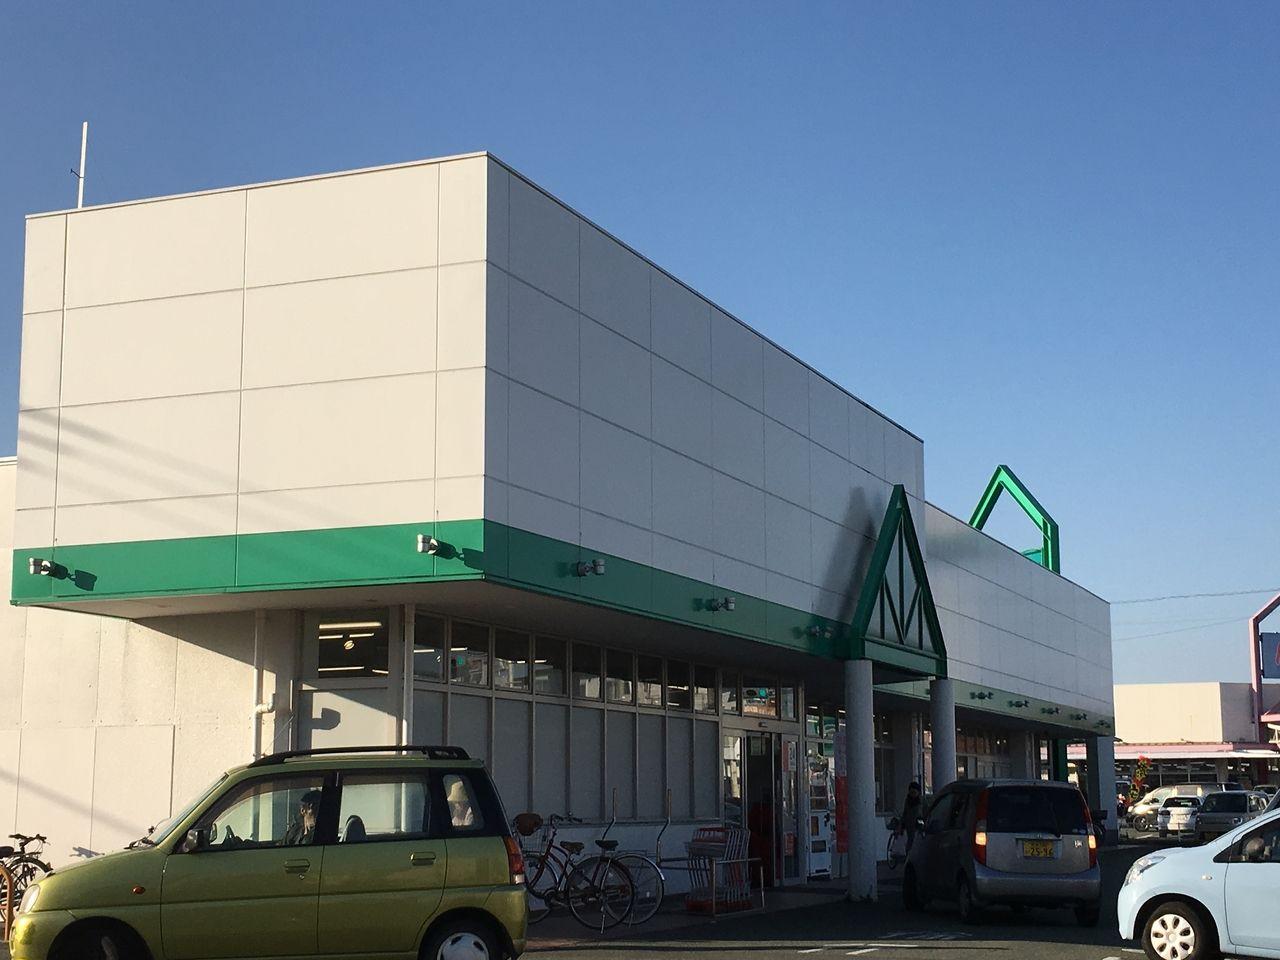 熊本市東区桜木・花立商店街にあるサニー桜木店 24時間営業でとても便利です。